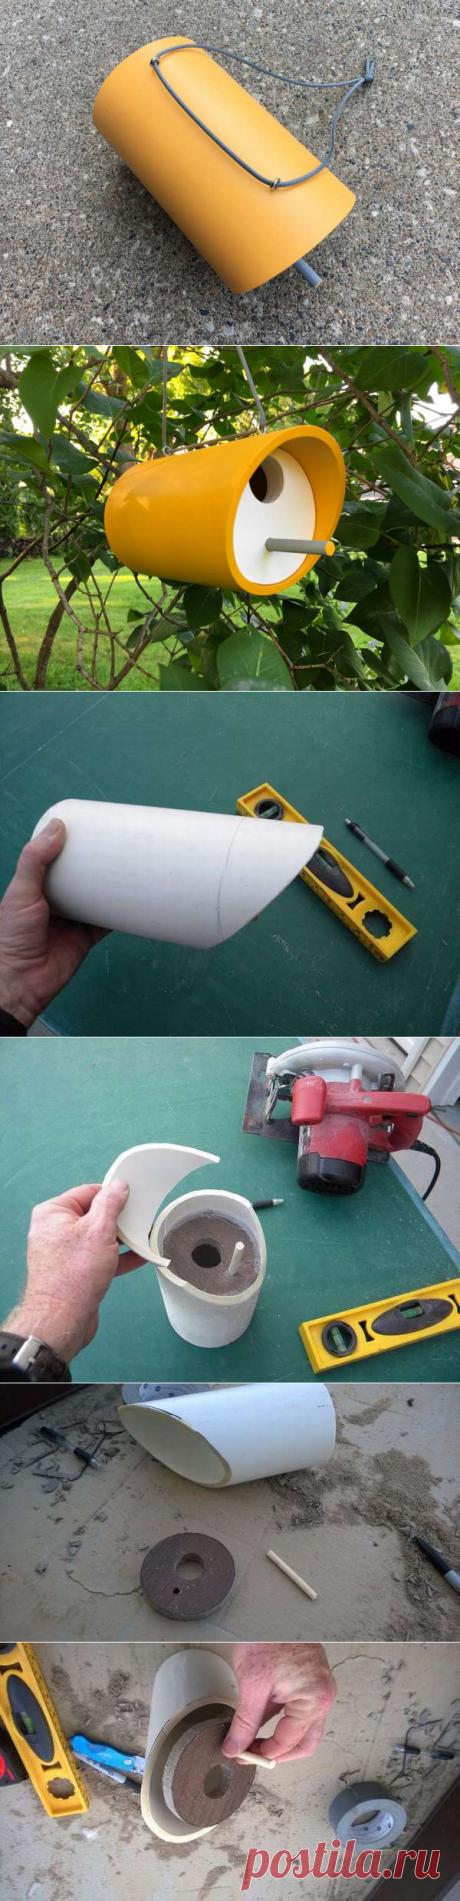 Пластиковый скворечник